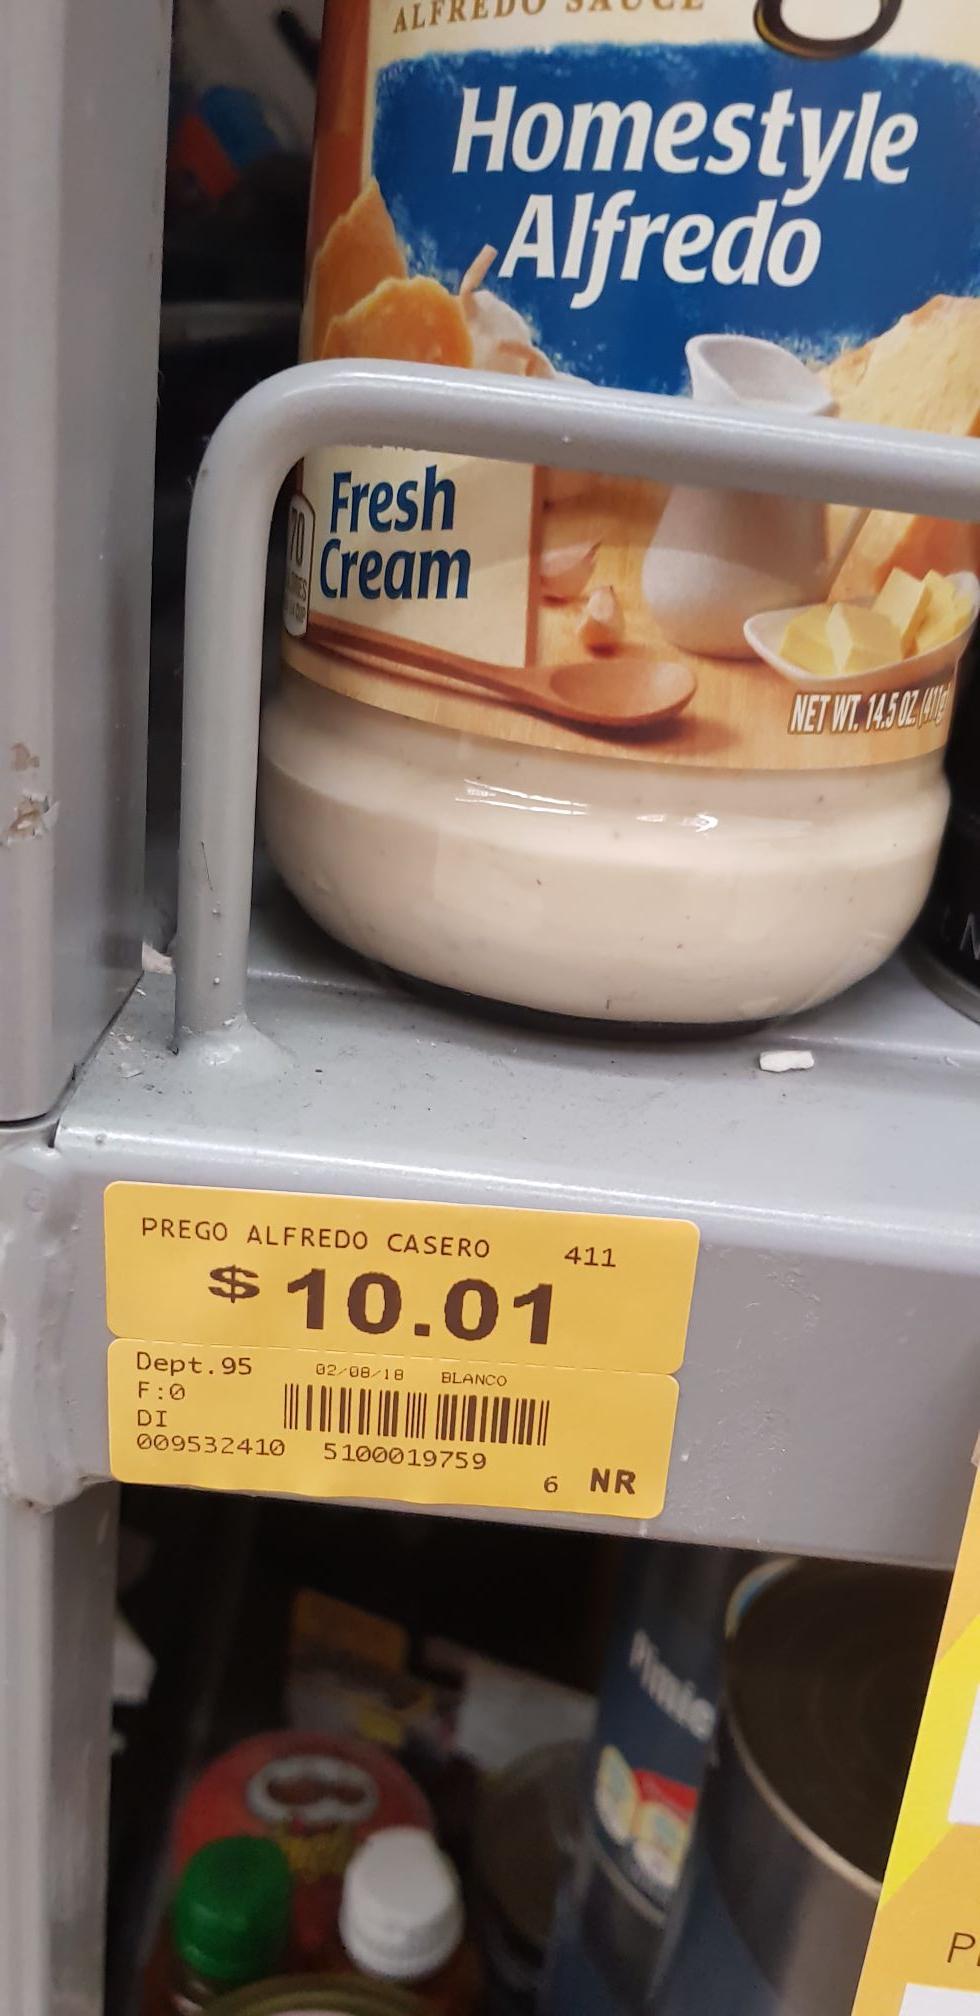 Superama: Para presumir que las pastas les quedan bien